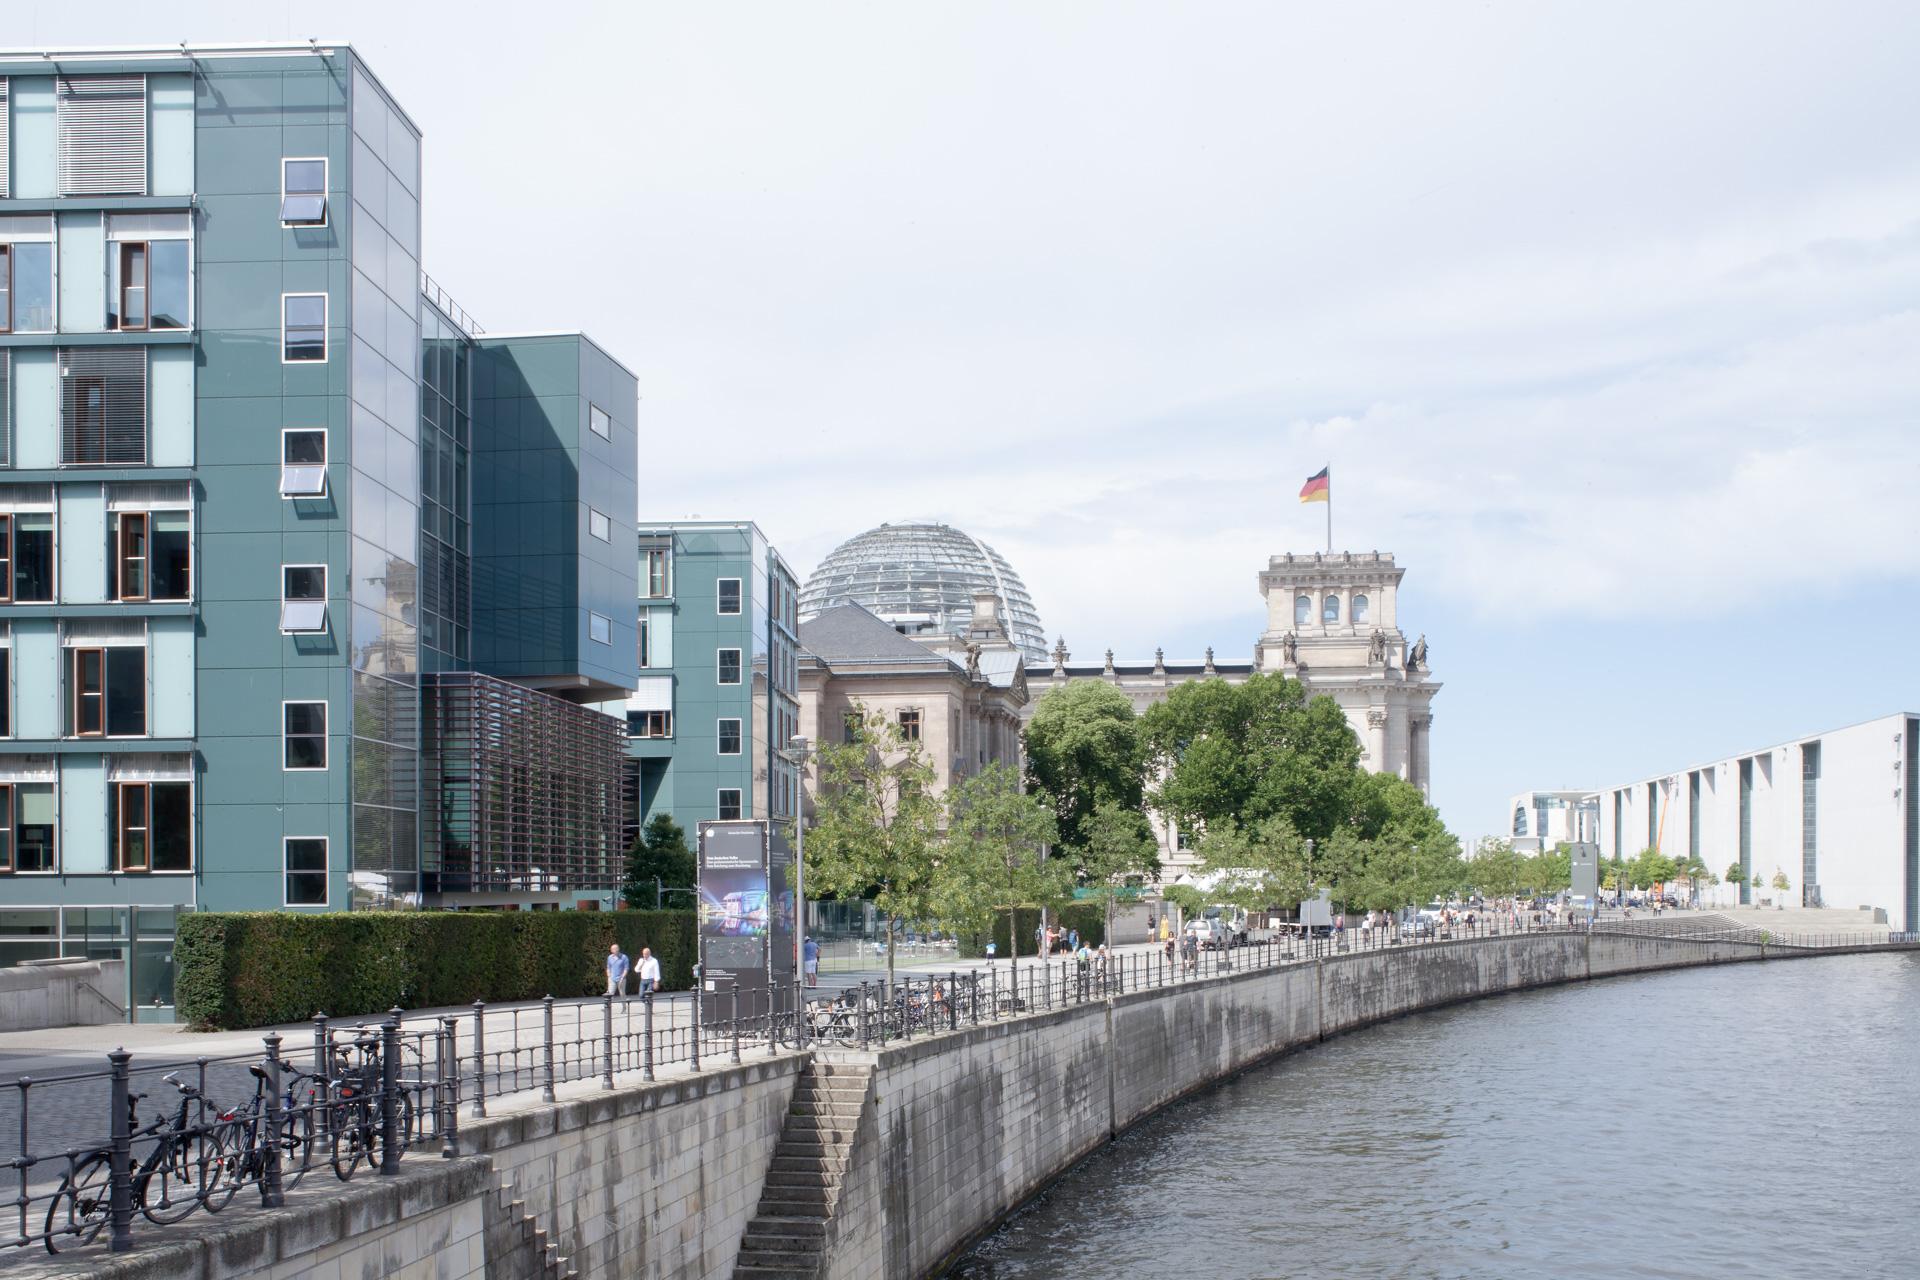 21_LIUC_Berlin-River_00743.jpg